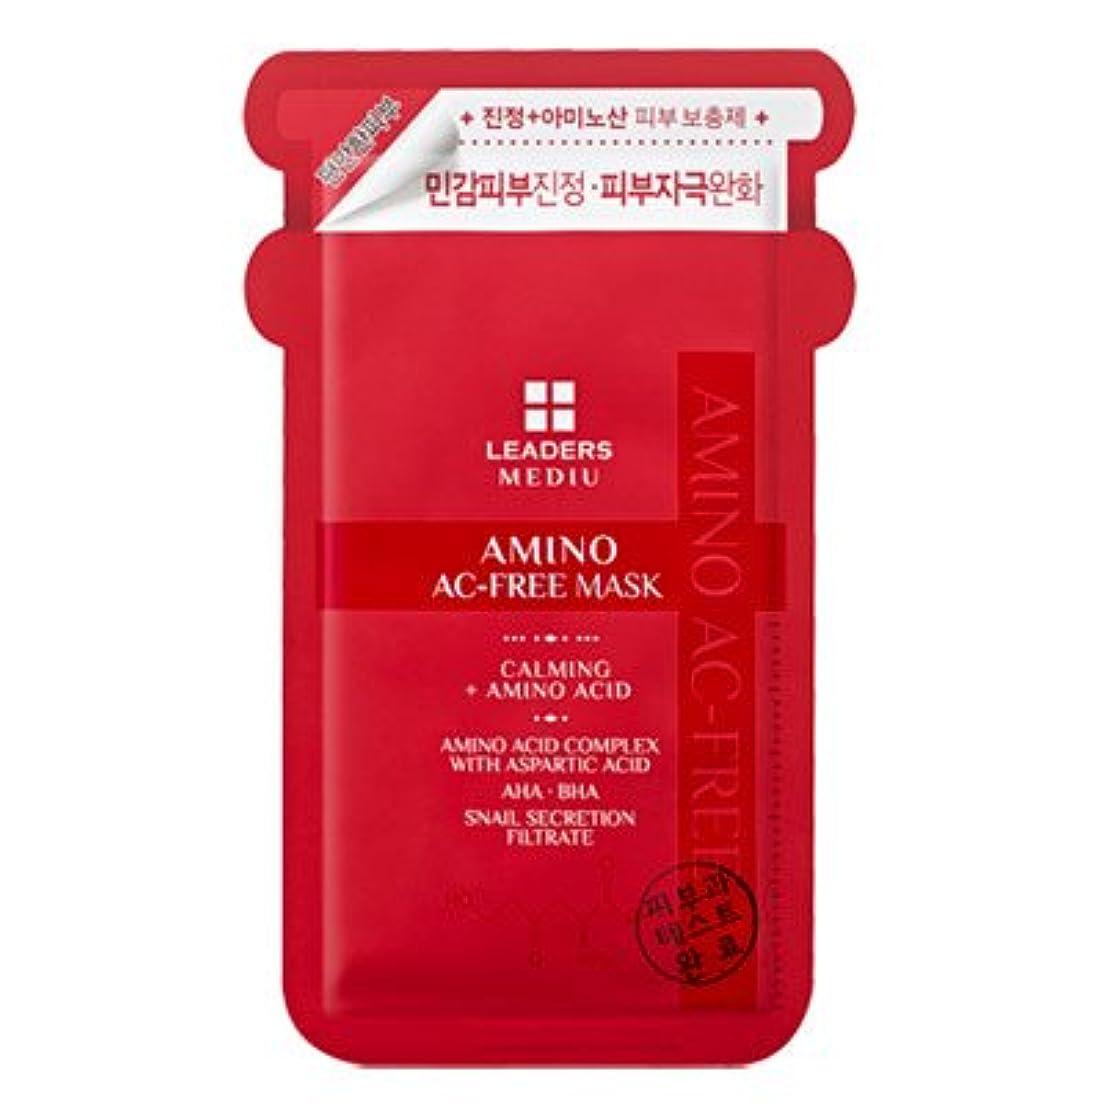 消毒剤タービン地震LEADERS リーダース メデュー アミノ AC-フリー マスク 25ml x 1枚 [並行輸入品]